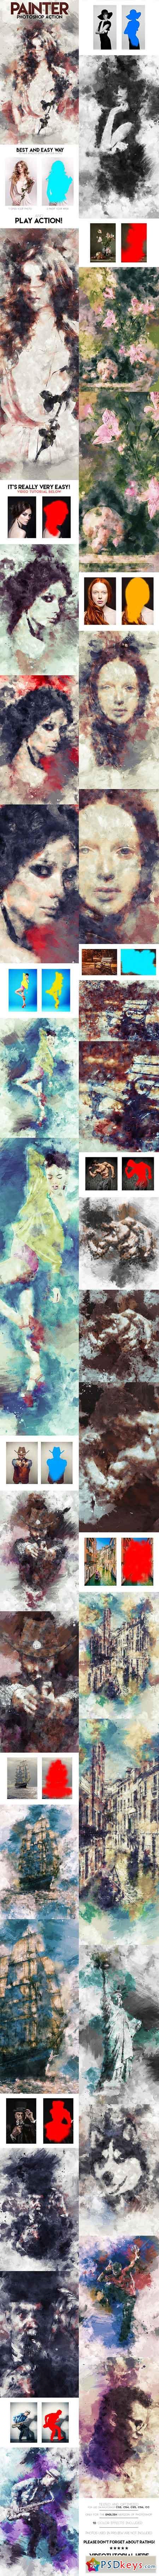 Painter Photoshop Action 16082064